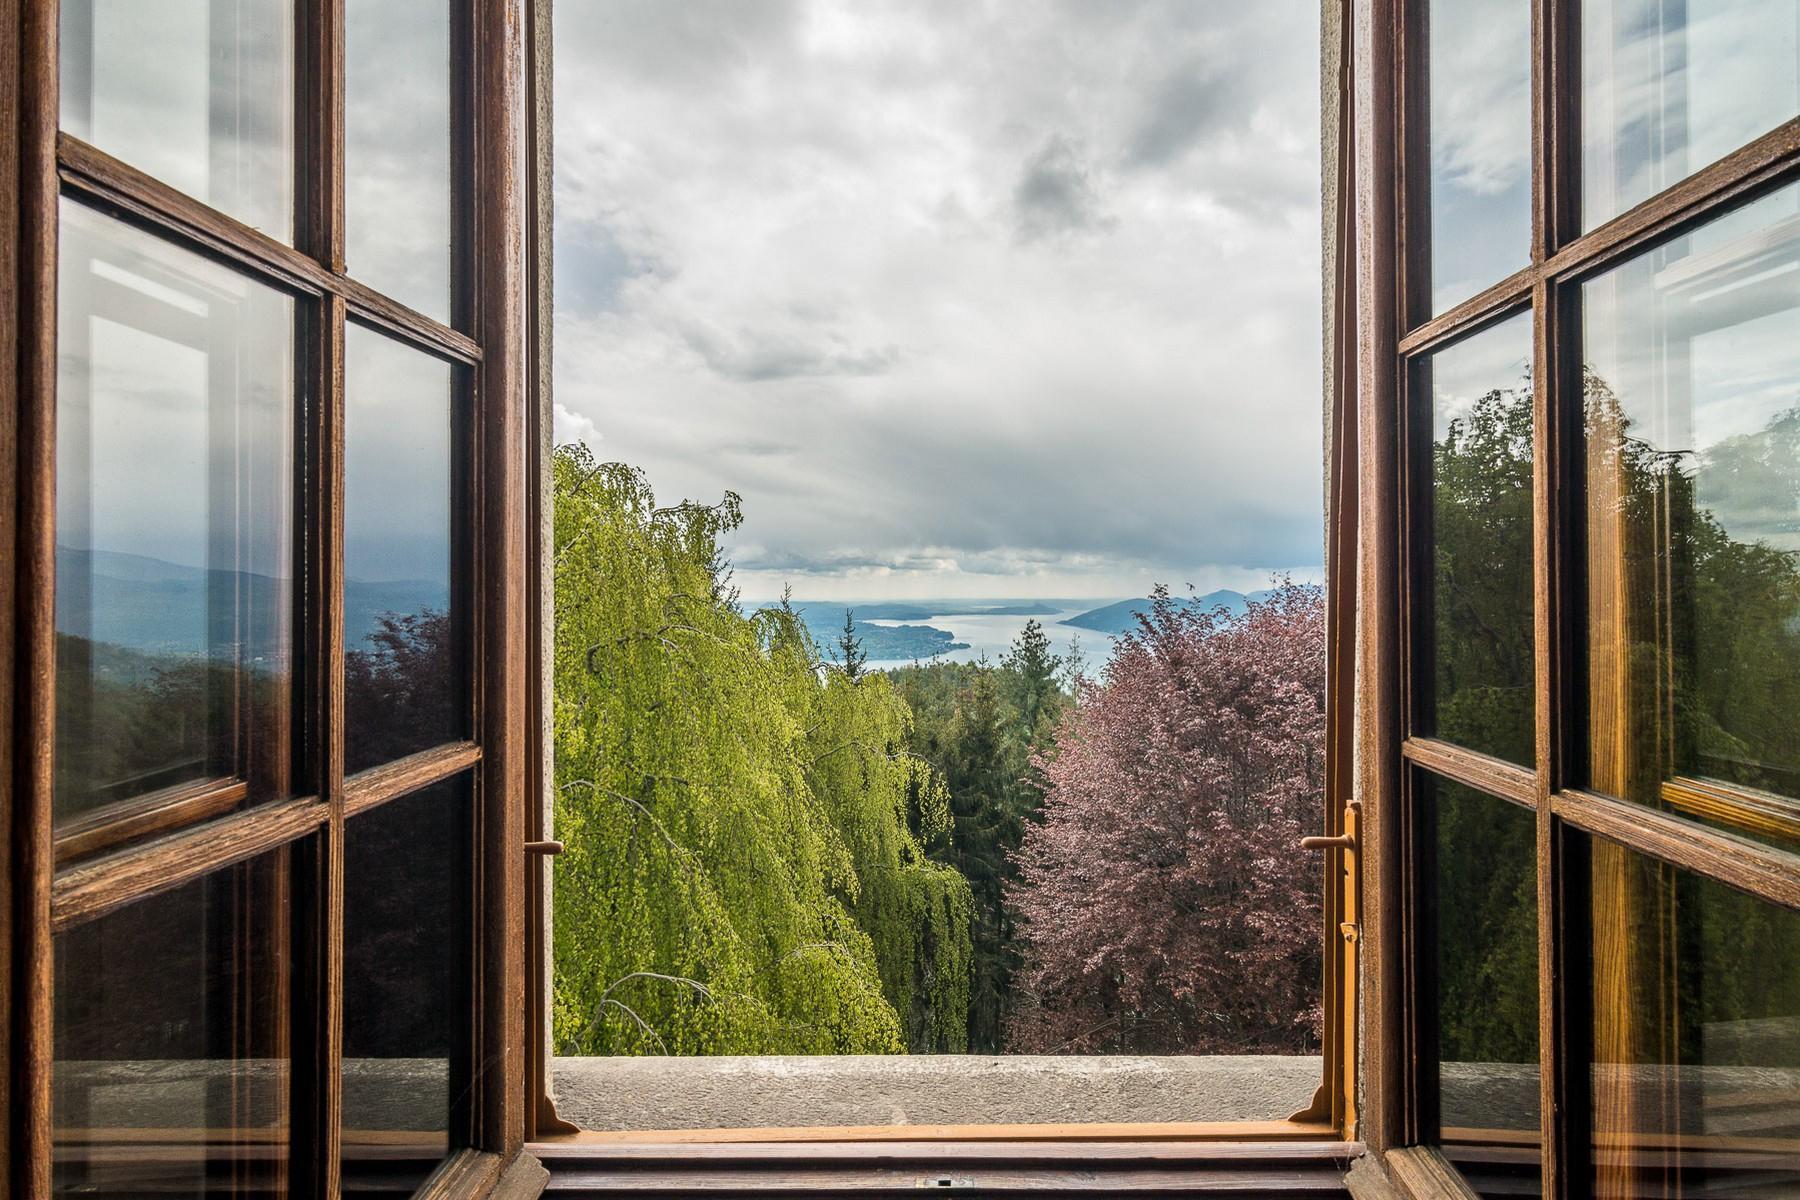 Villa historique dans un parc centenaire sur lac Majeur - 3